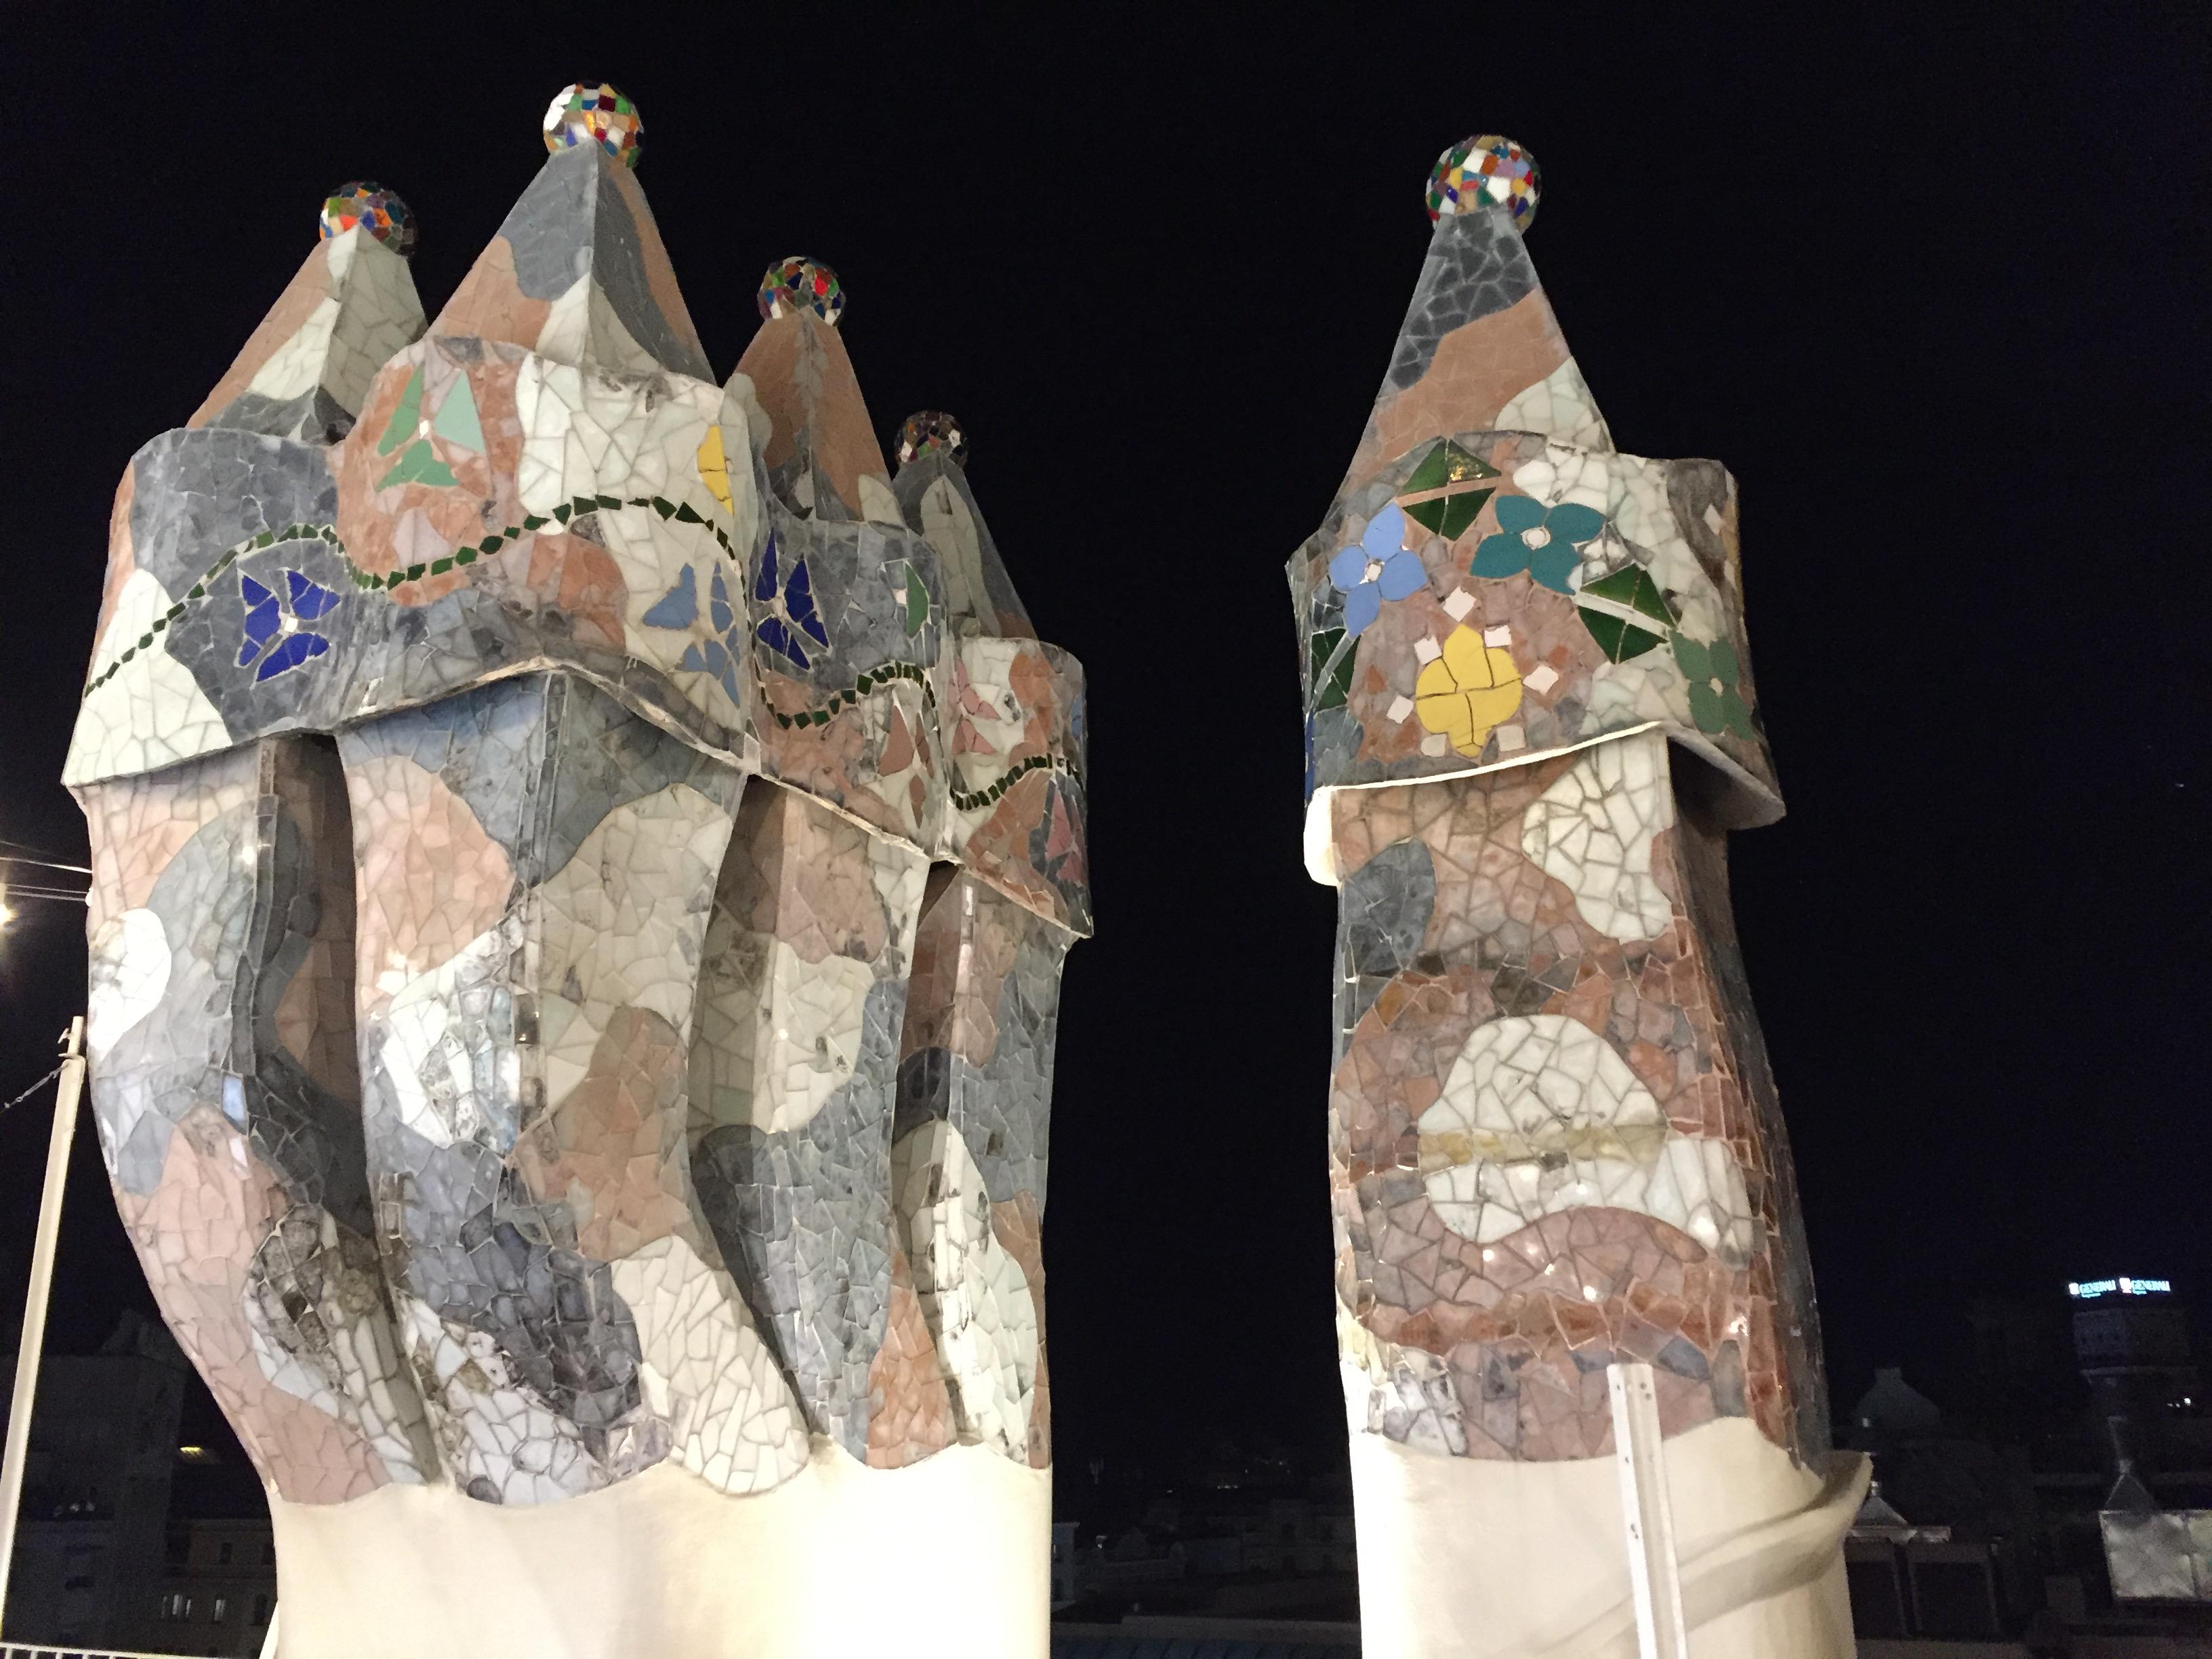 IMG 0887 - Visita a la Casa Batlló en Barcelona Parte II/II